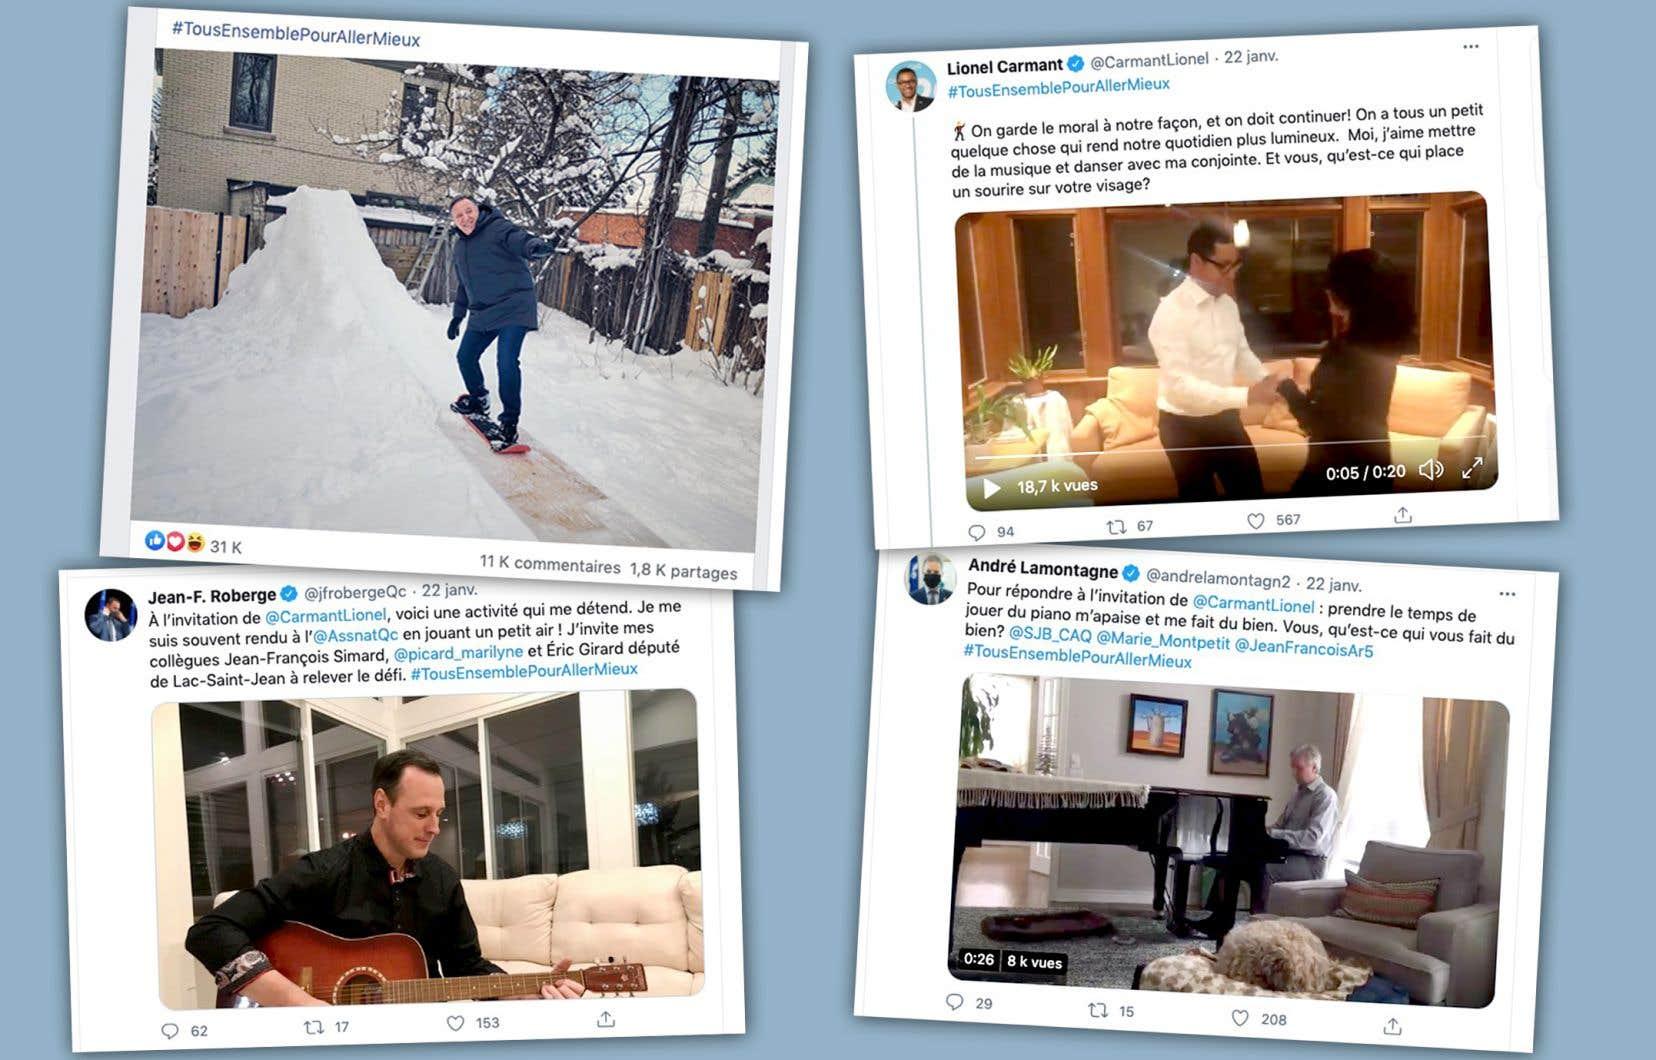 «#TousEnsemblePourAllerMieux est apparu vendredi dernier sur les réseaux sociaux de François Legault», écrit Josiane Cossette.